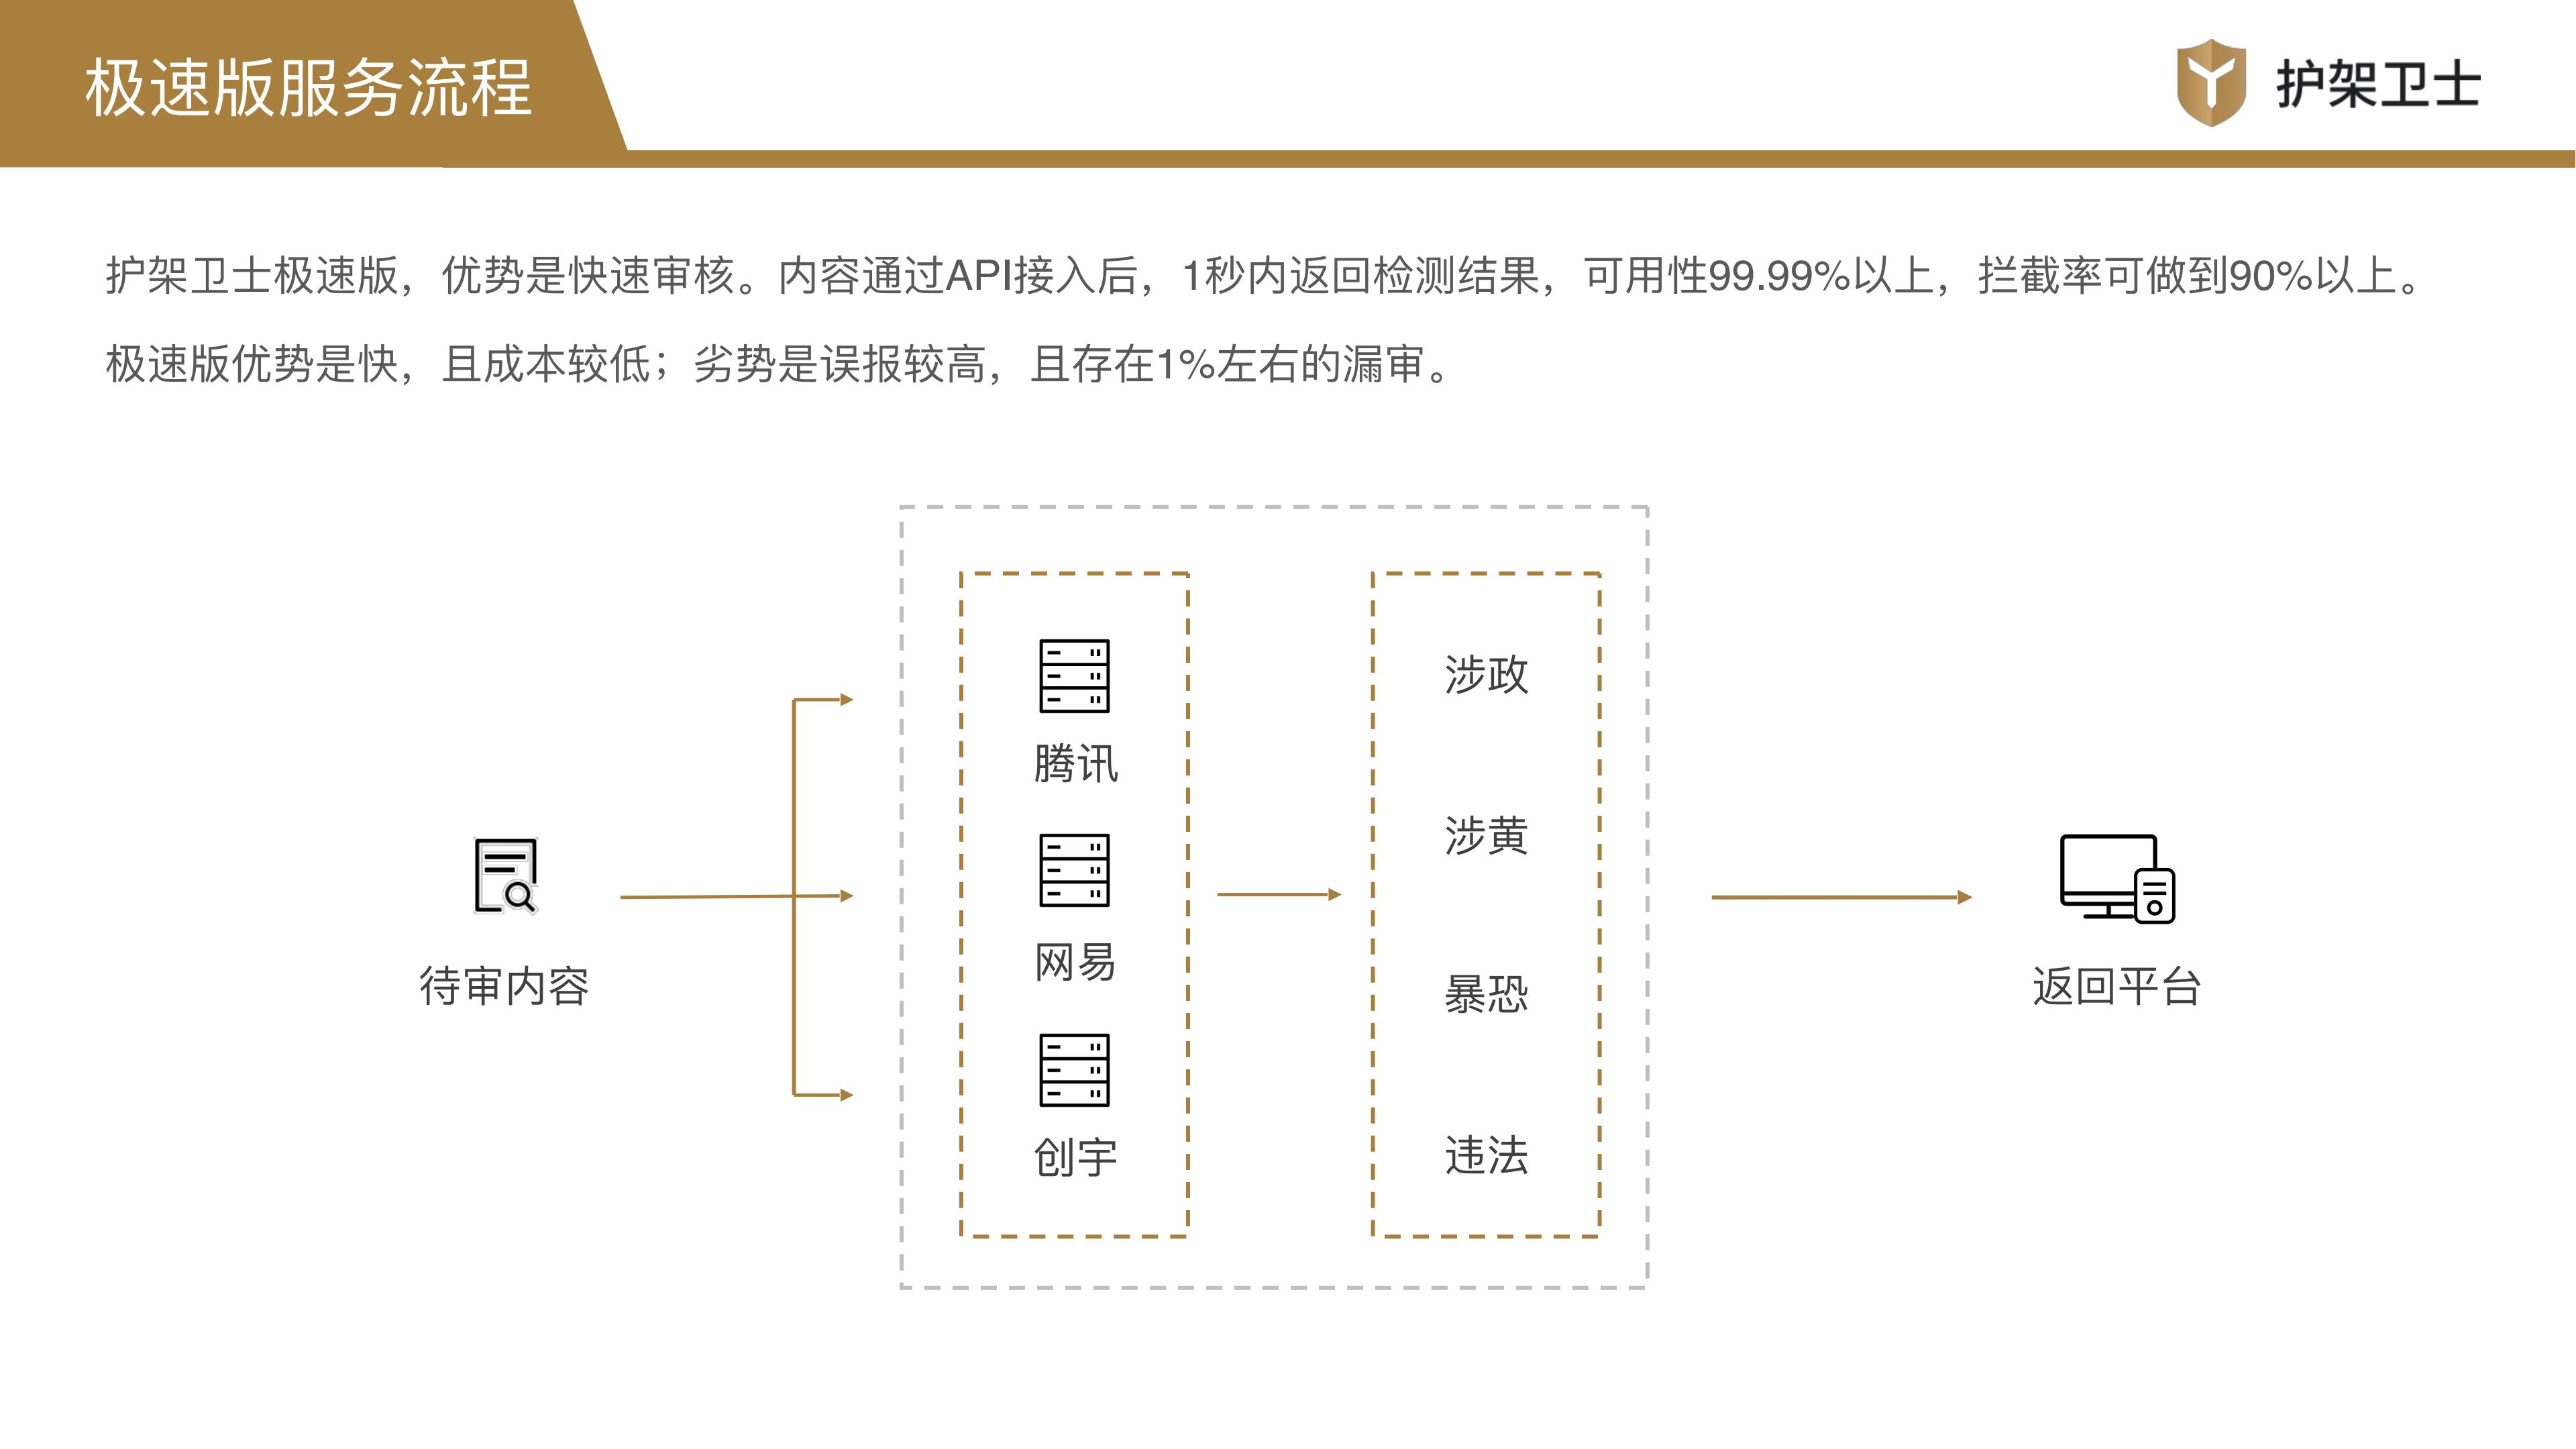 护架卫士产品介绍1.2_11.png